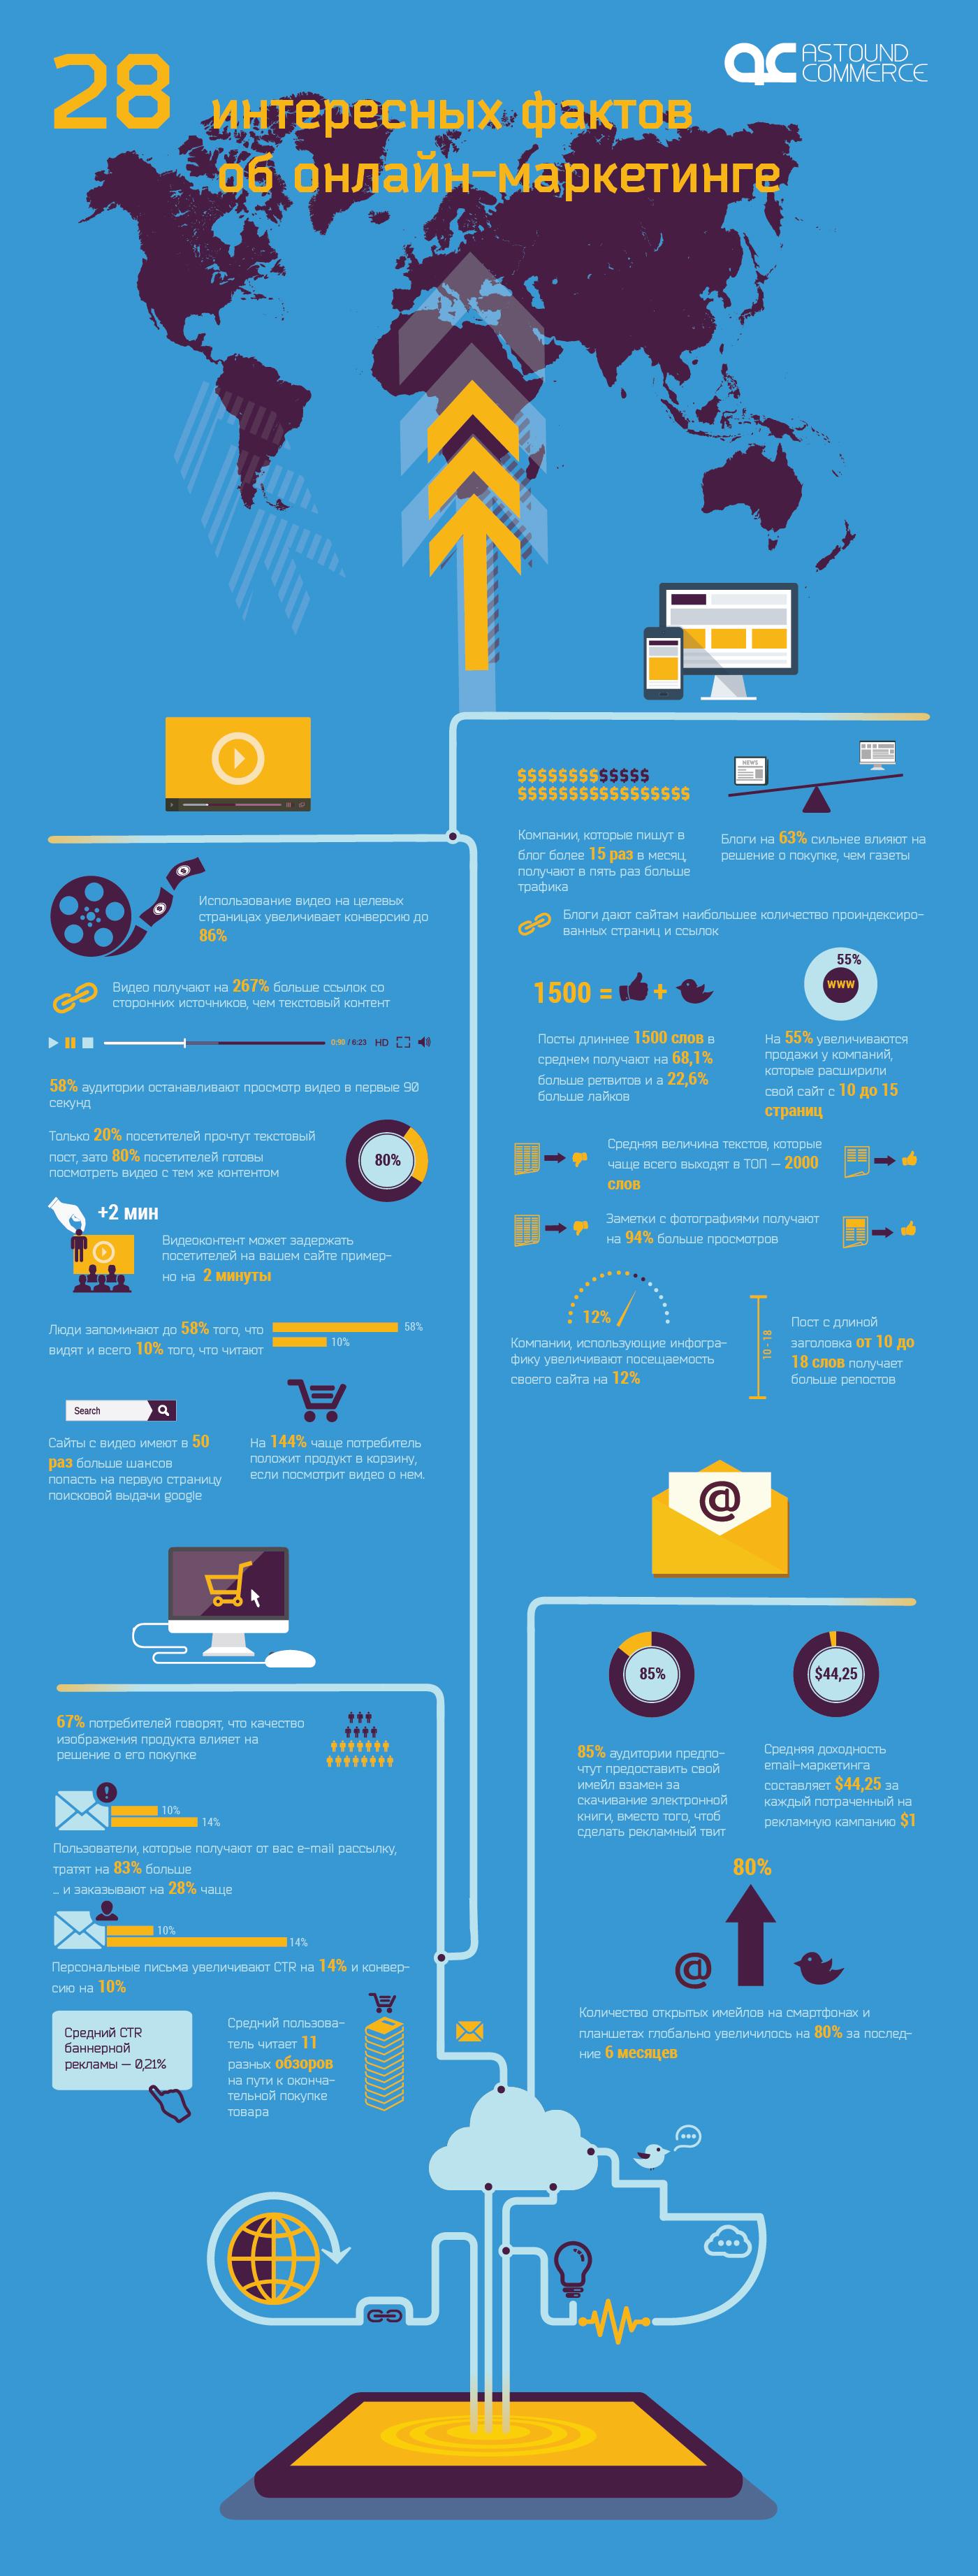 28 любопытных фактов об онлайн маркетинге